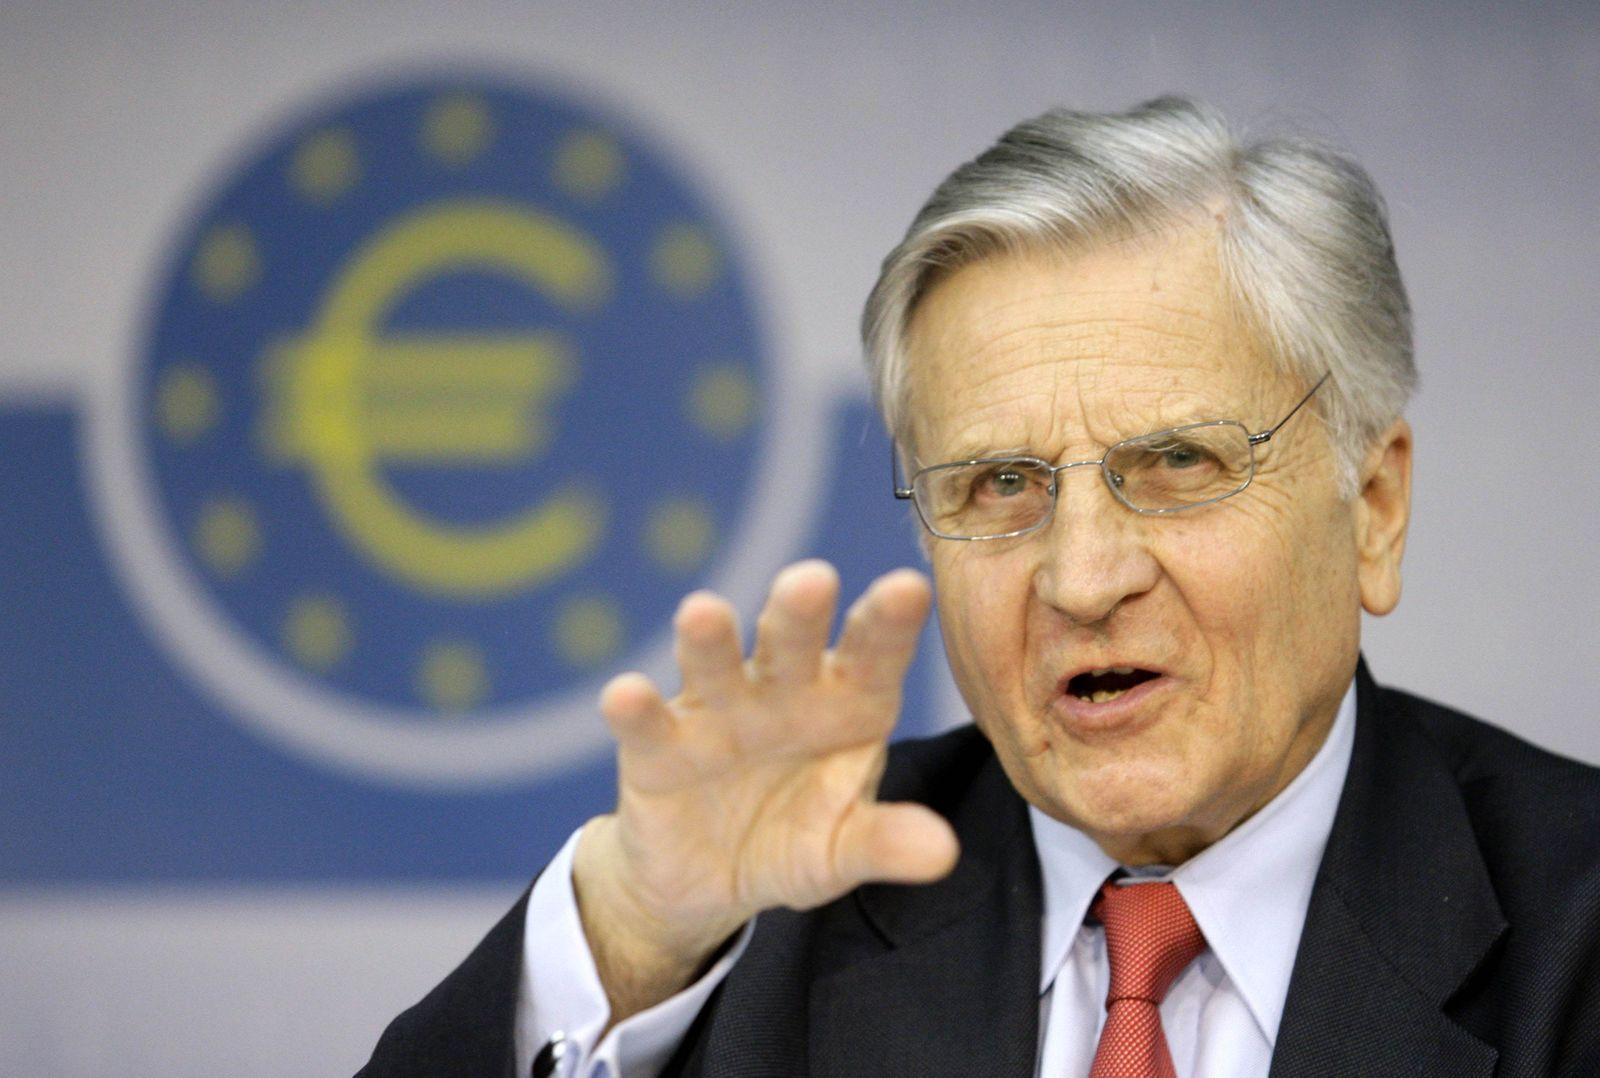 ECB/RATES